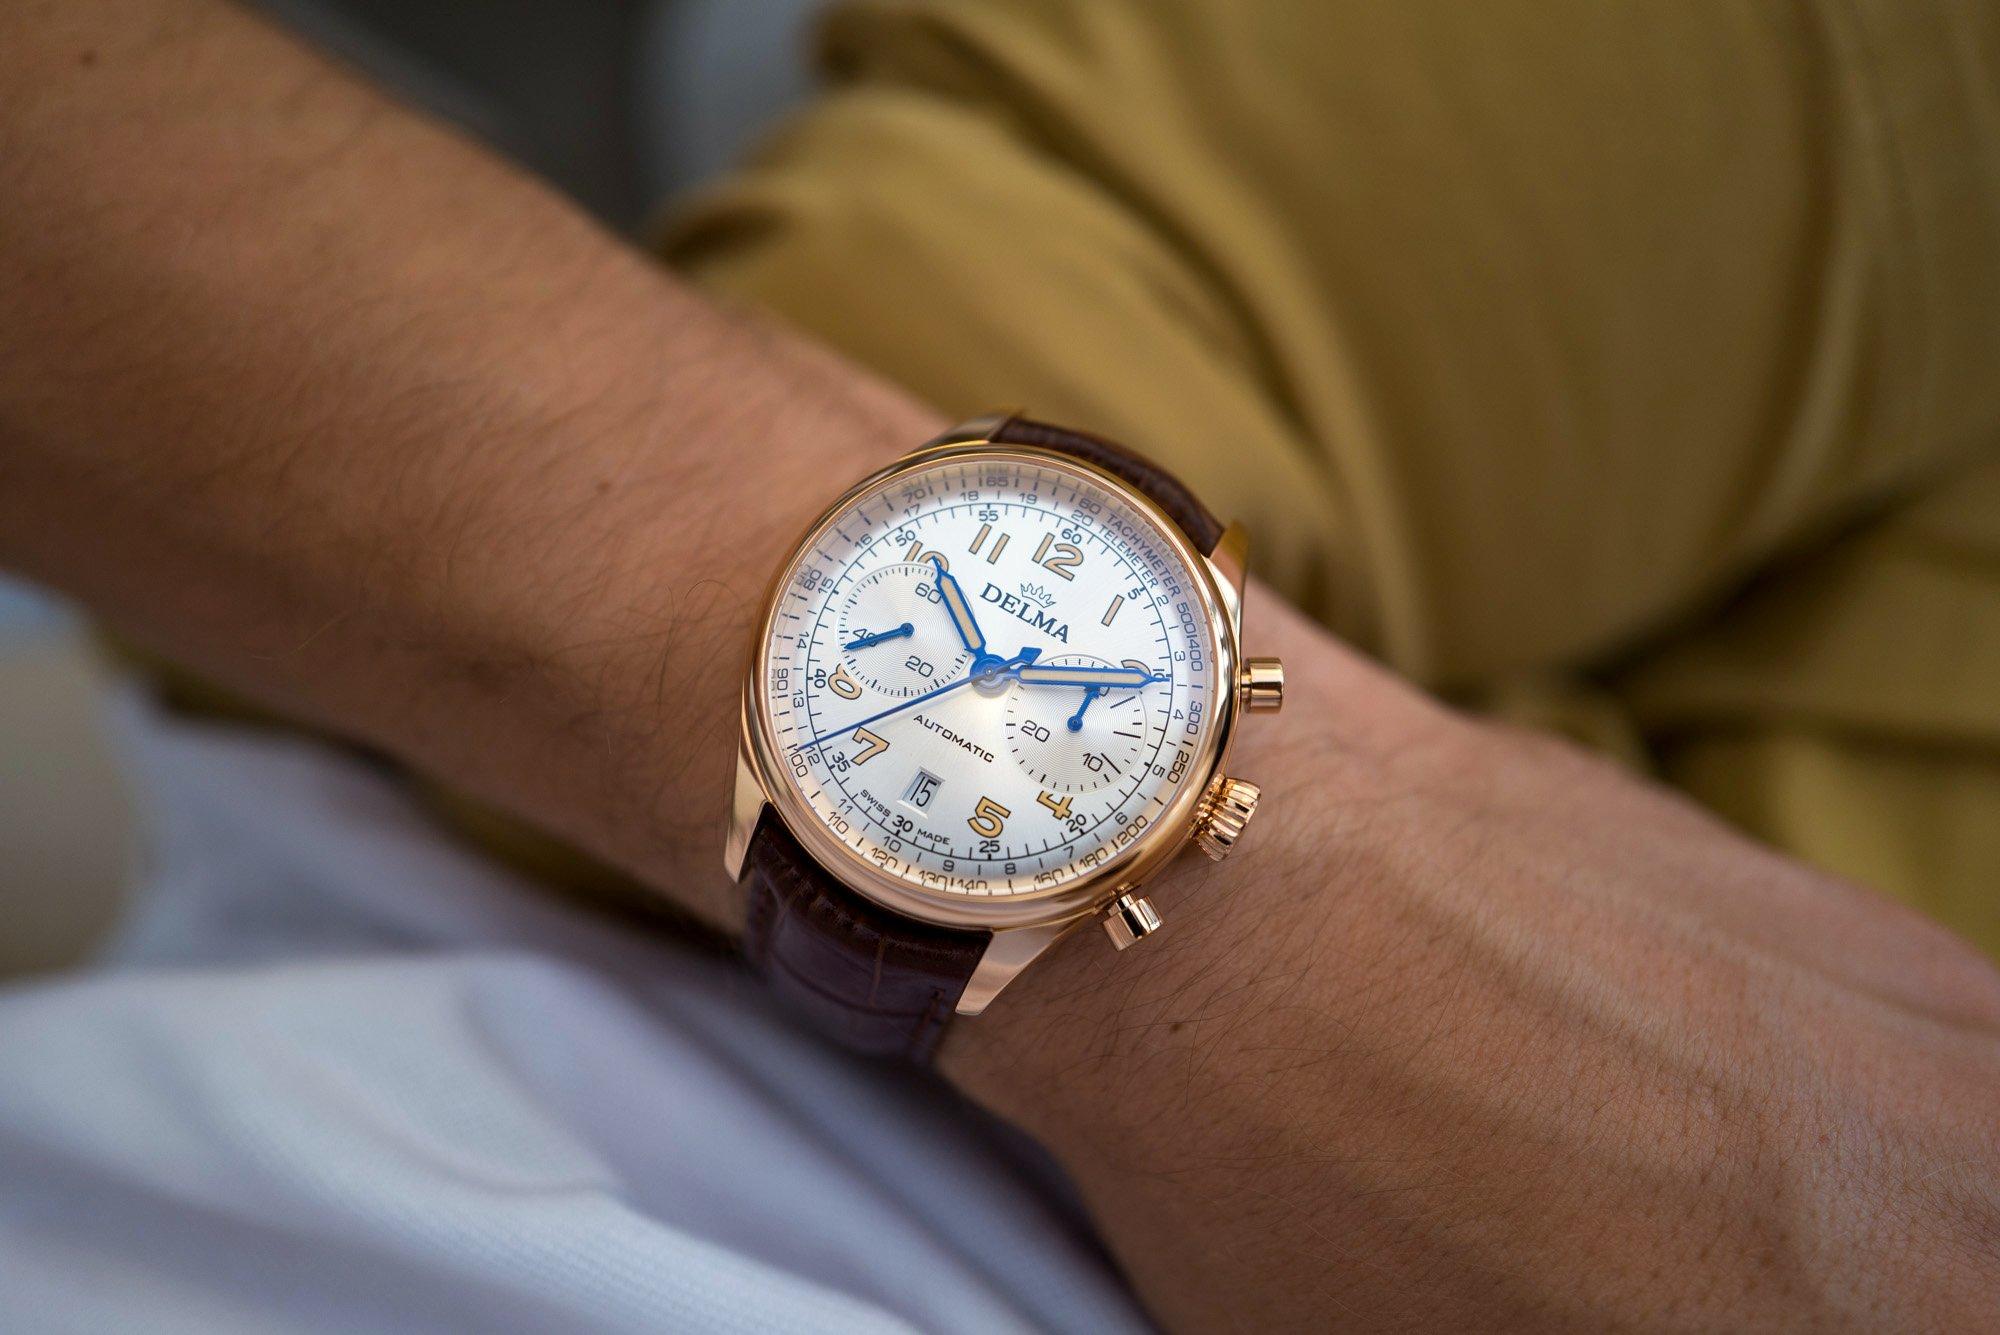 Обзор часов: хронограф Delma Heritage